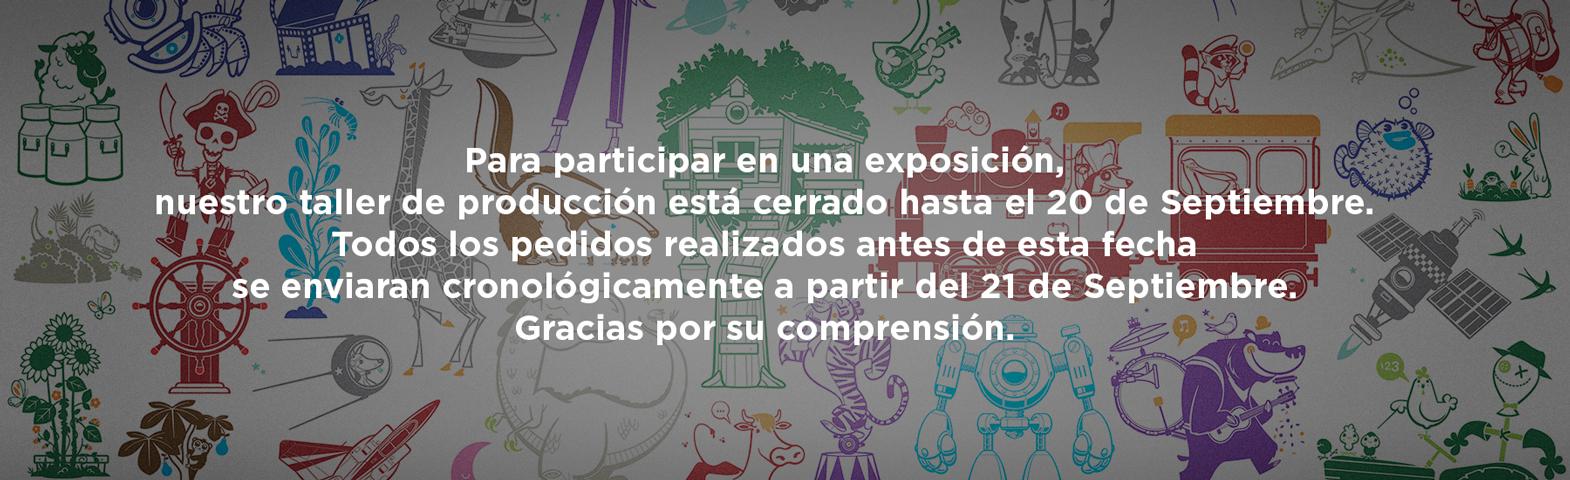 exposición 2020